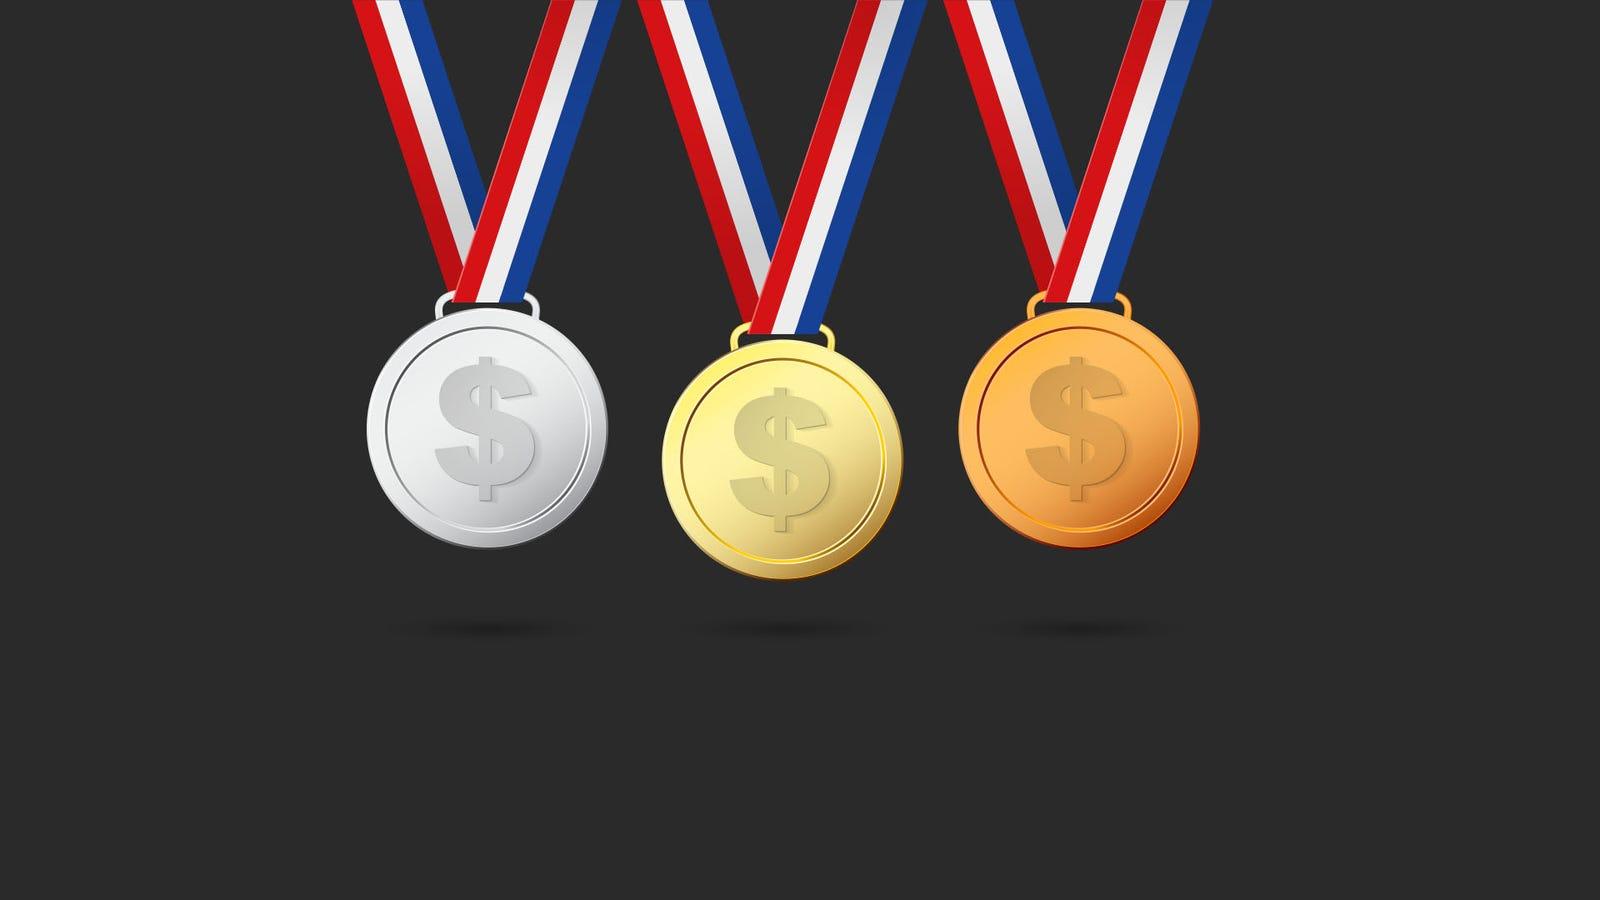 https://www.gannett-cdn.com/indepth-static-assets/uploads/master/5451126001/0da80bad-804b-407f-b0ff-120561d4b624-medals_topper_desktop.jpg